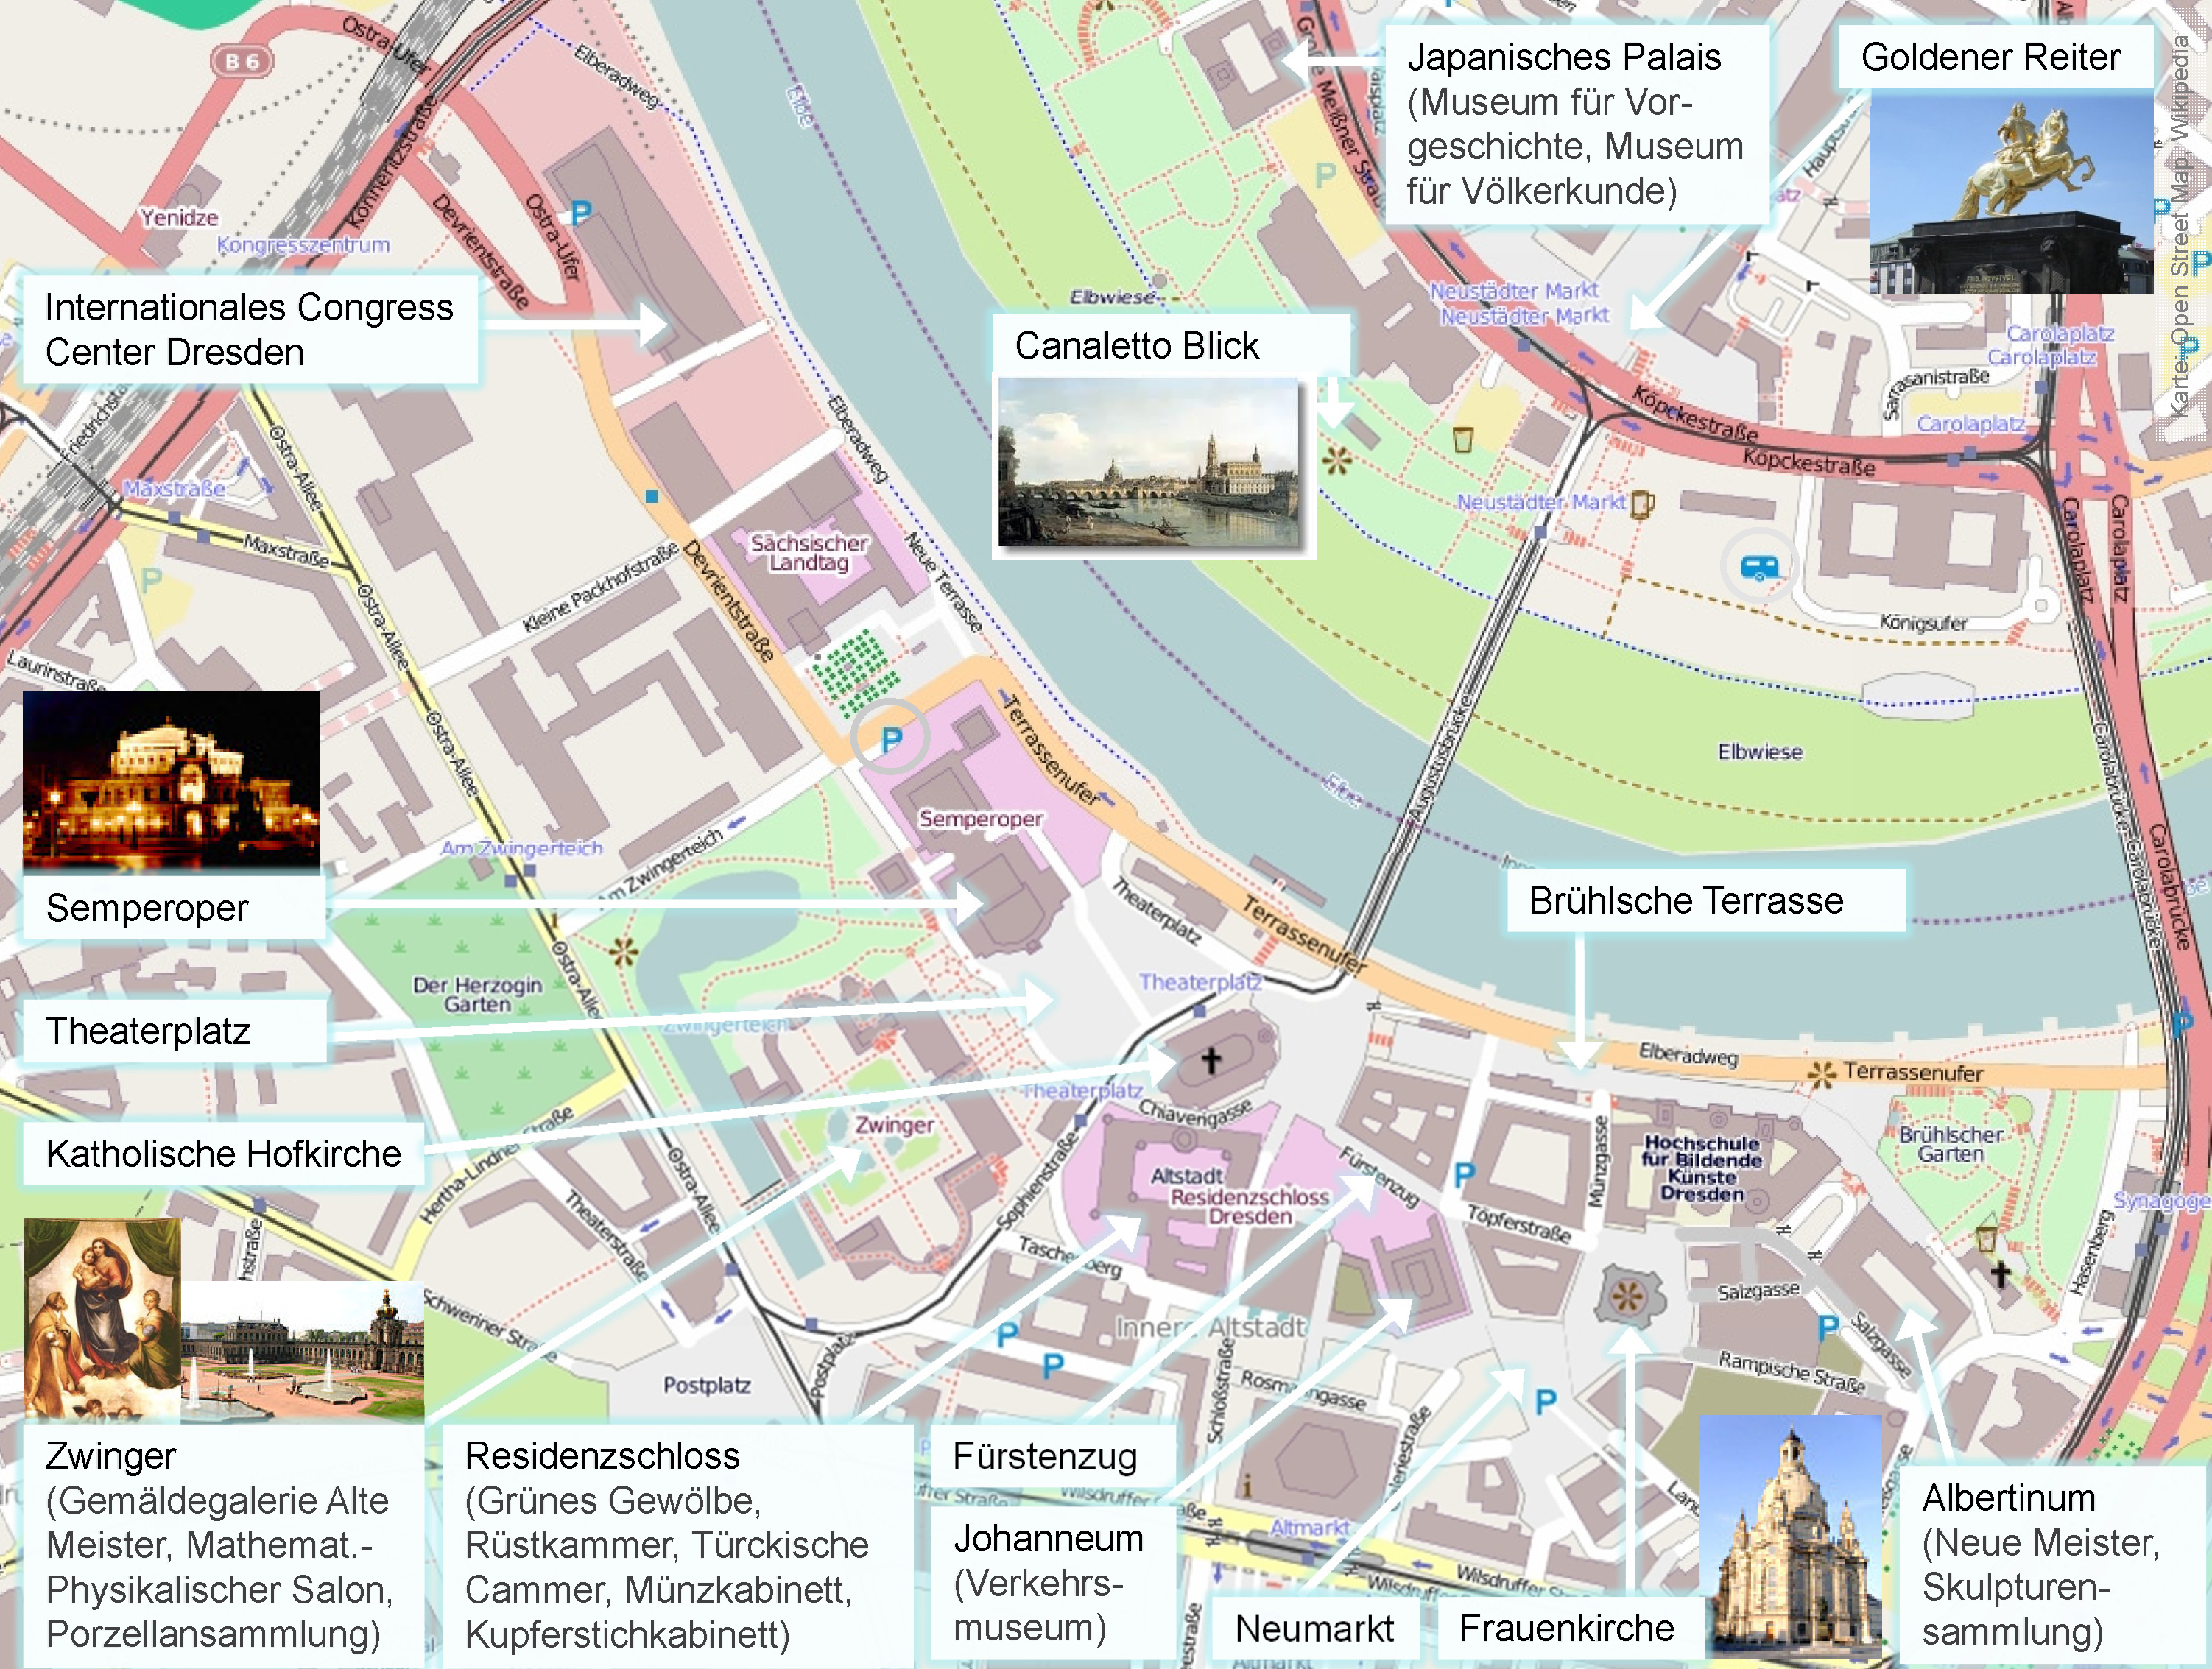 Sehenswürdigkeiten im historischen Zentrum von Dresden